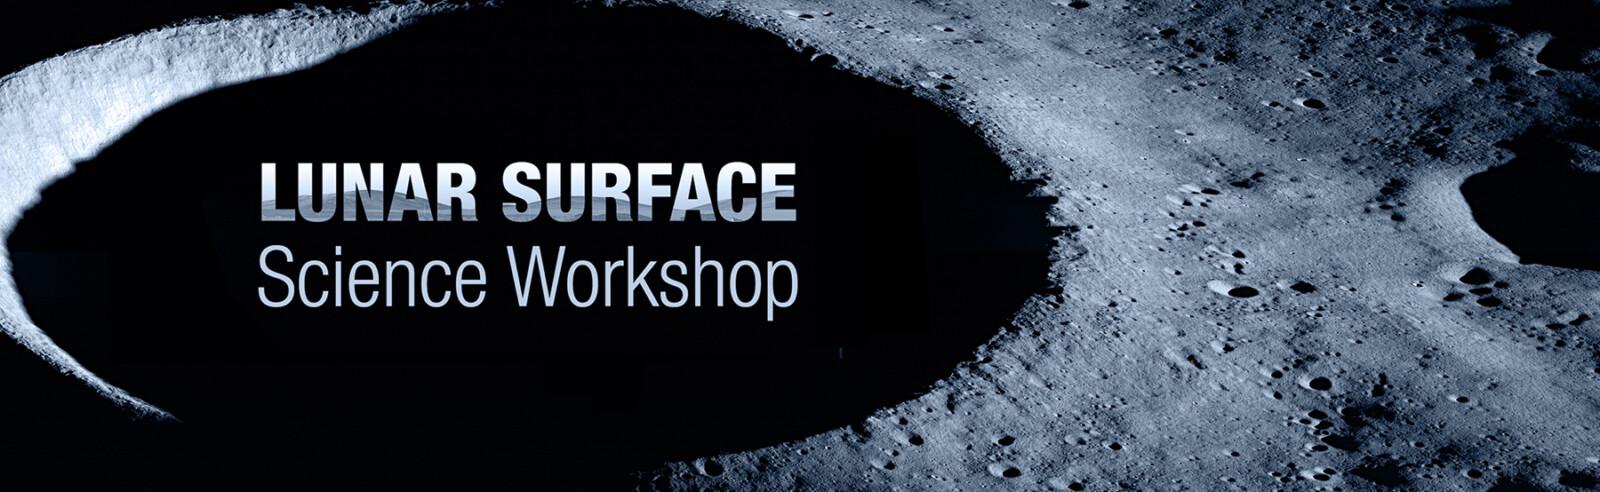 Lunar Surface Science Workshop Banner